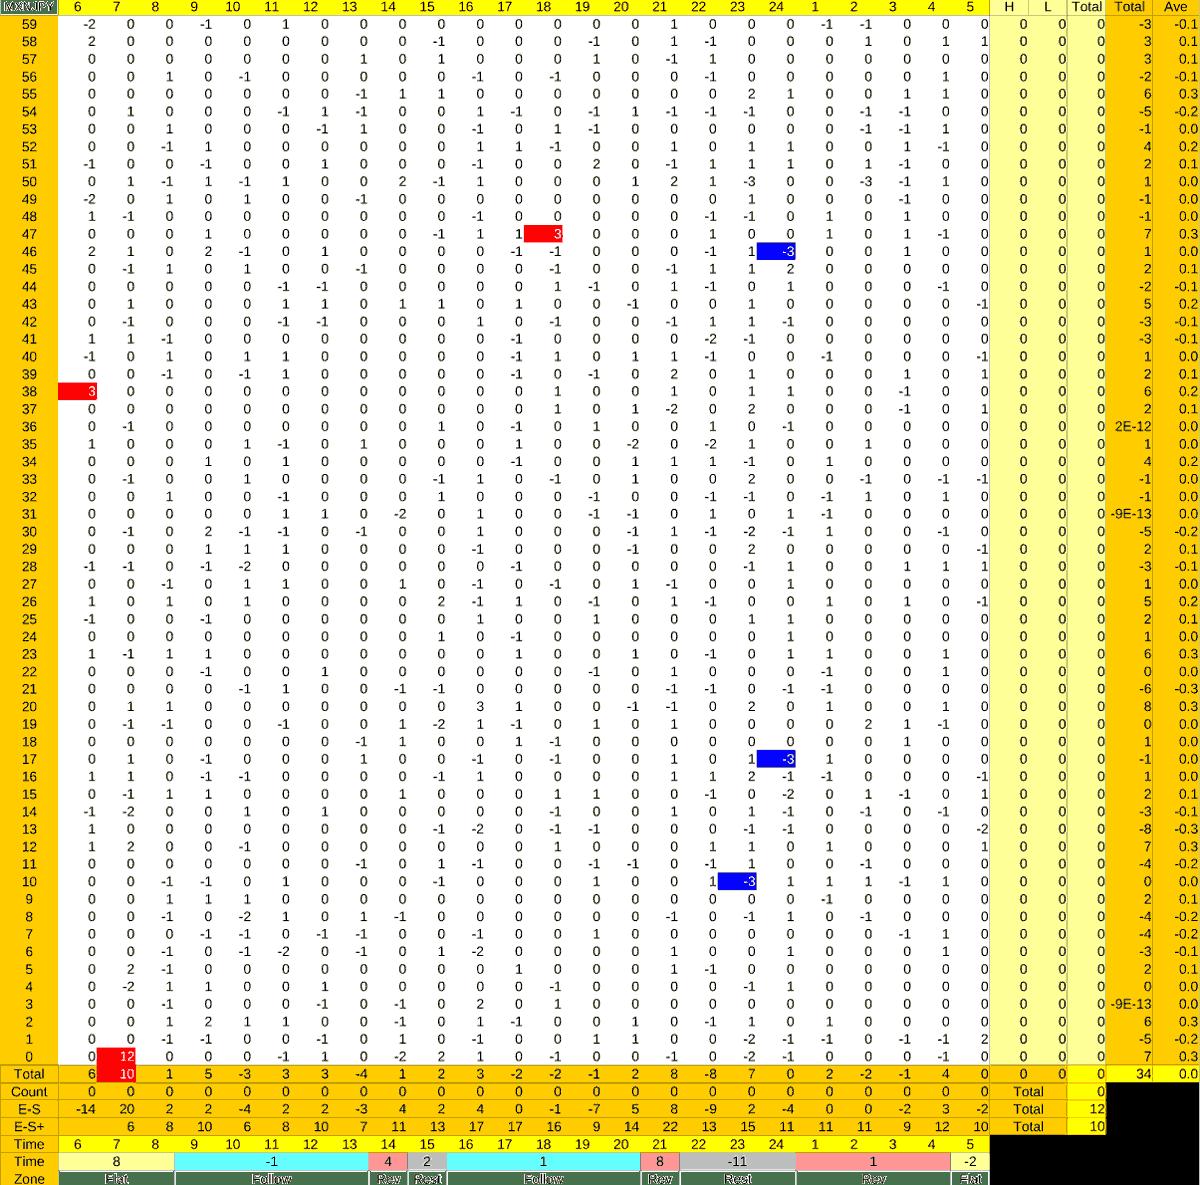 20210913_HS(3)MXNJPY-min